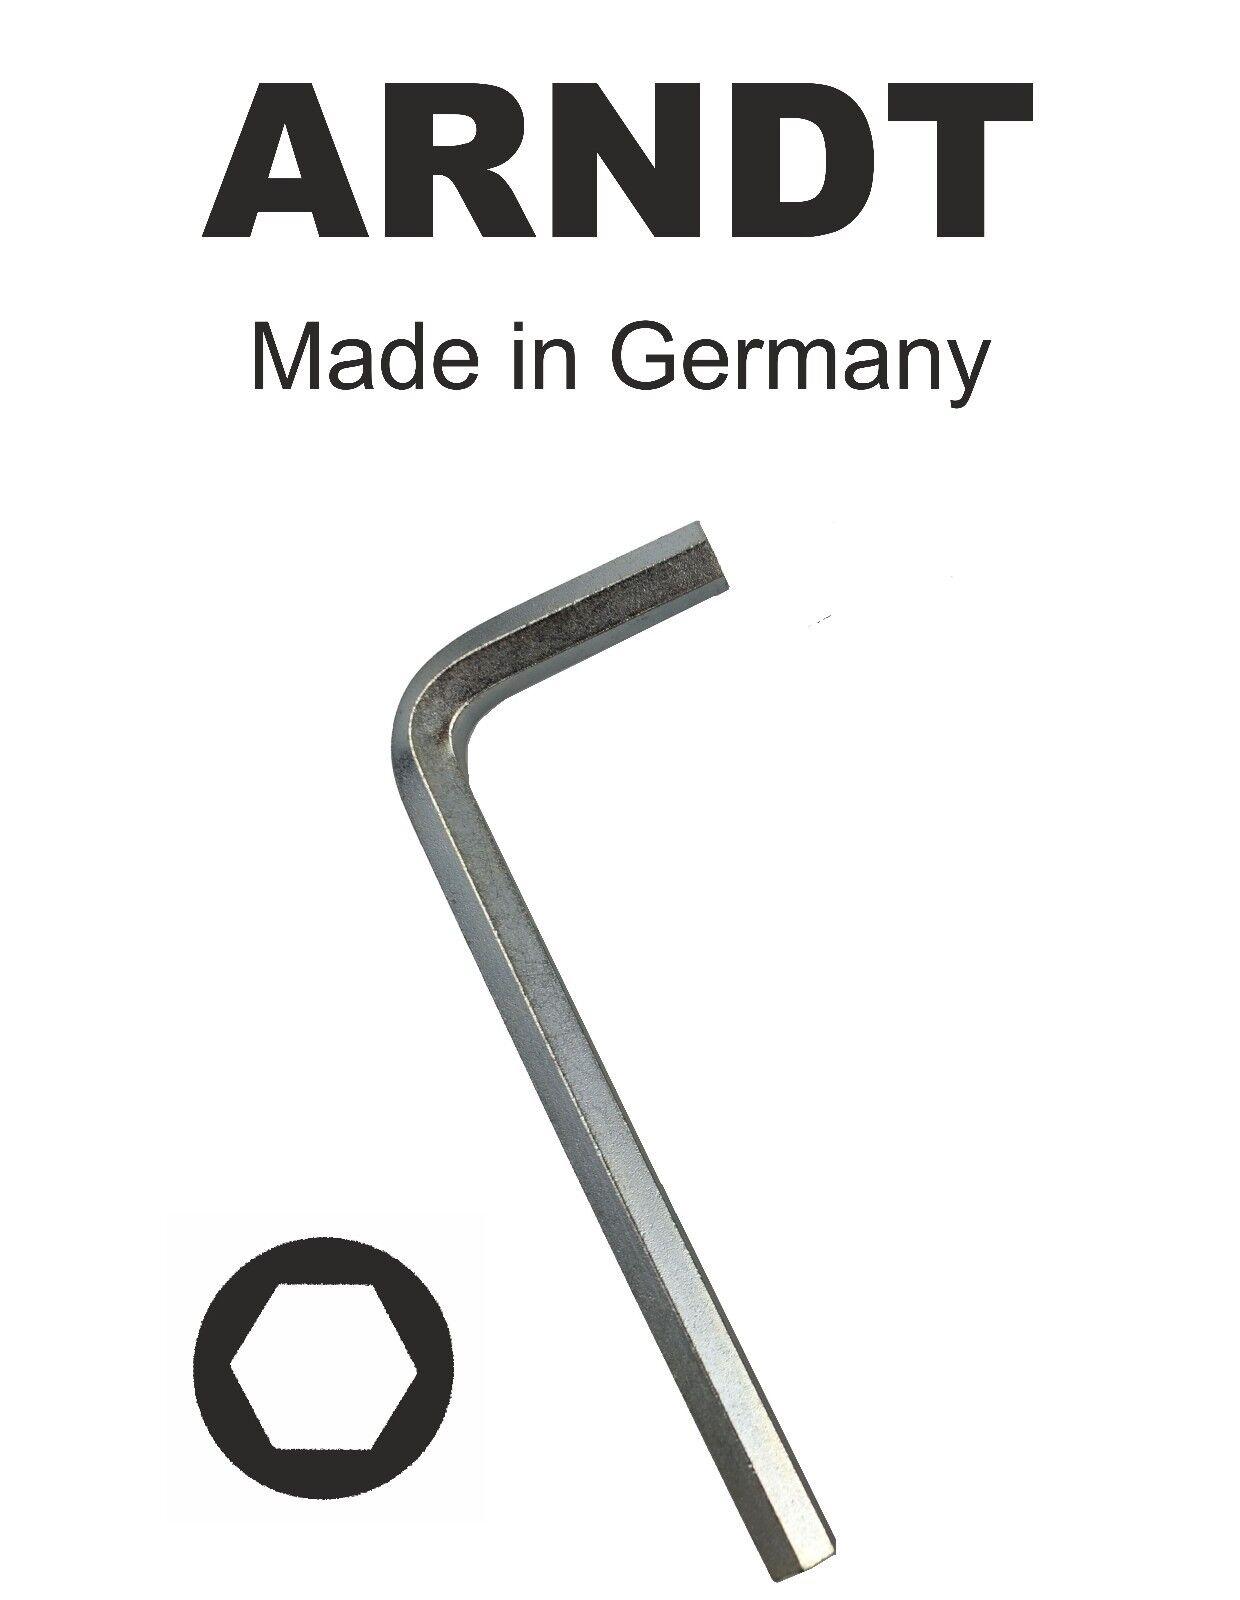 Allen Key Hex Key Hex Wrench Key Key Key Hexagonal Keys ZINC PLATED CrV Steel 911-C fded20